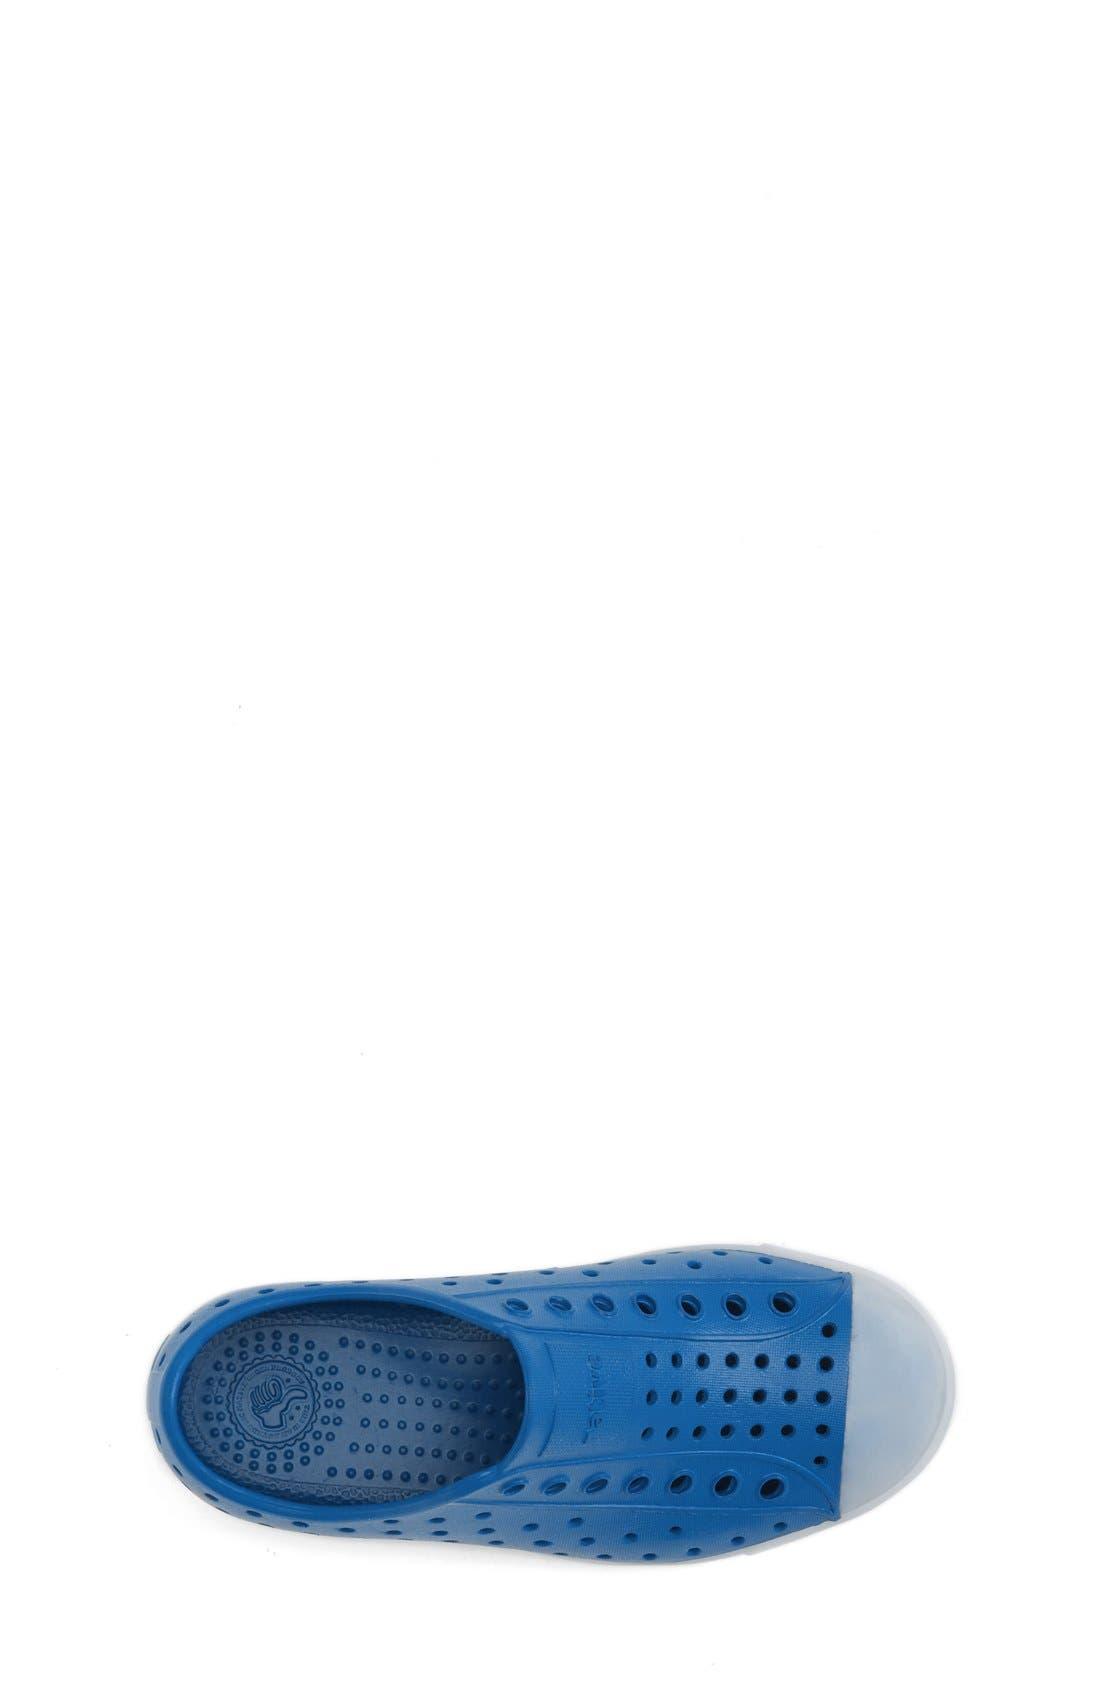 Alternate Image 3  - Native Shoes Jefferson - Glow in the Dark Sneaker (Walker, Toddler & Little Kid)